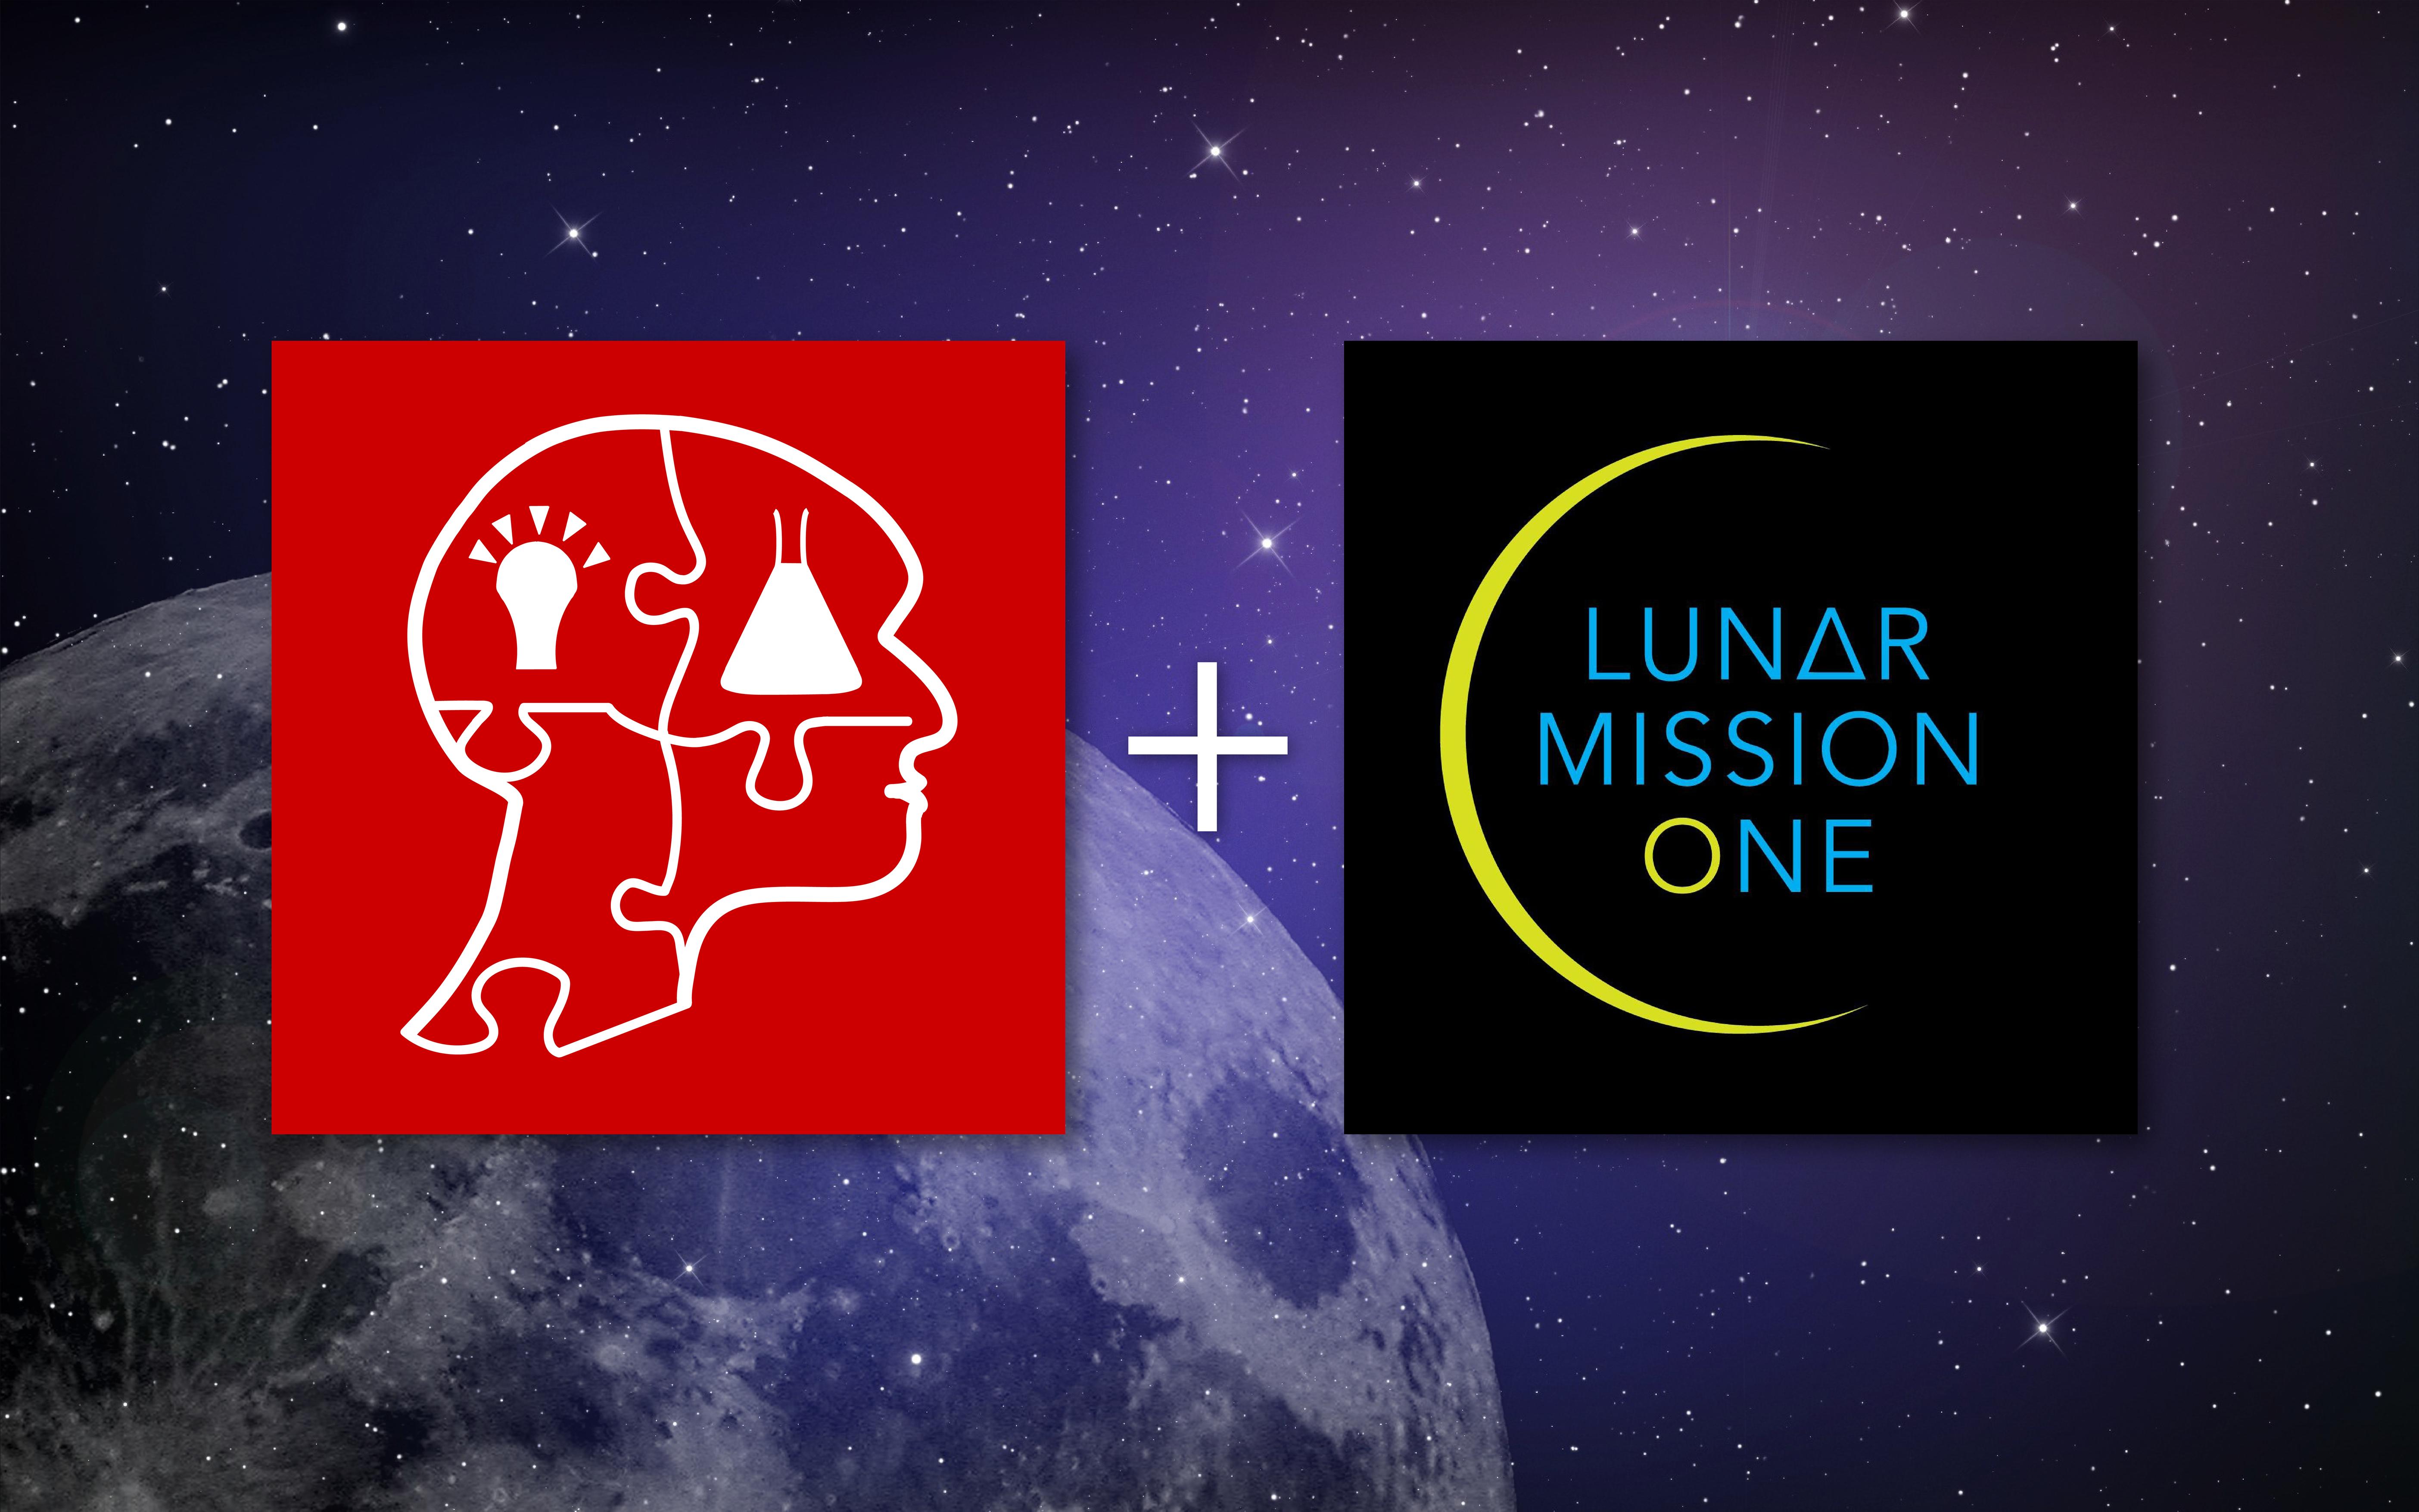 YSJ + Lunar Mission Once